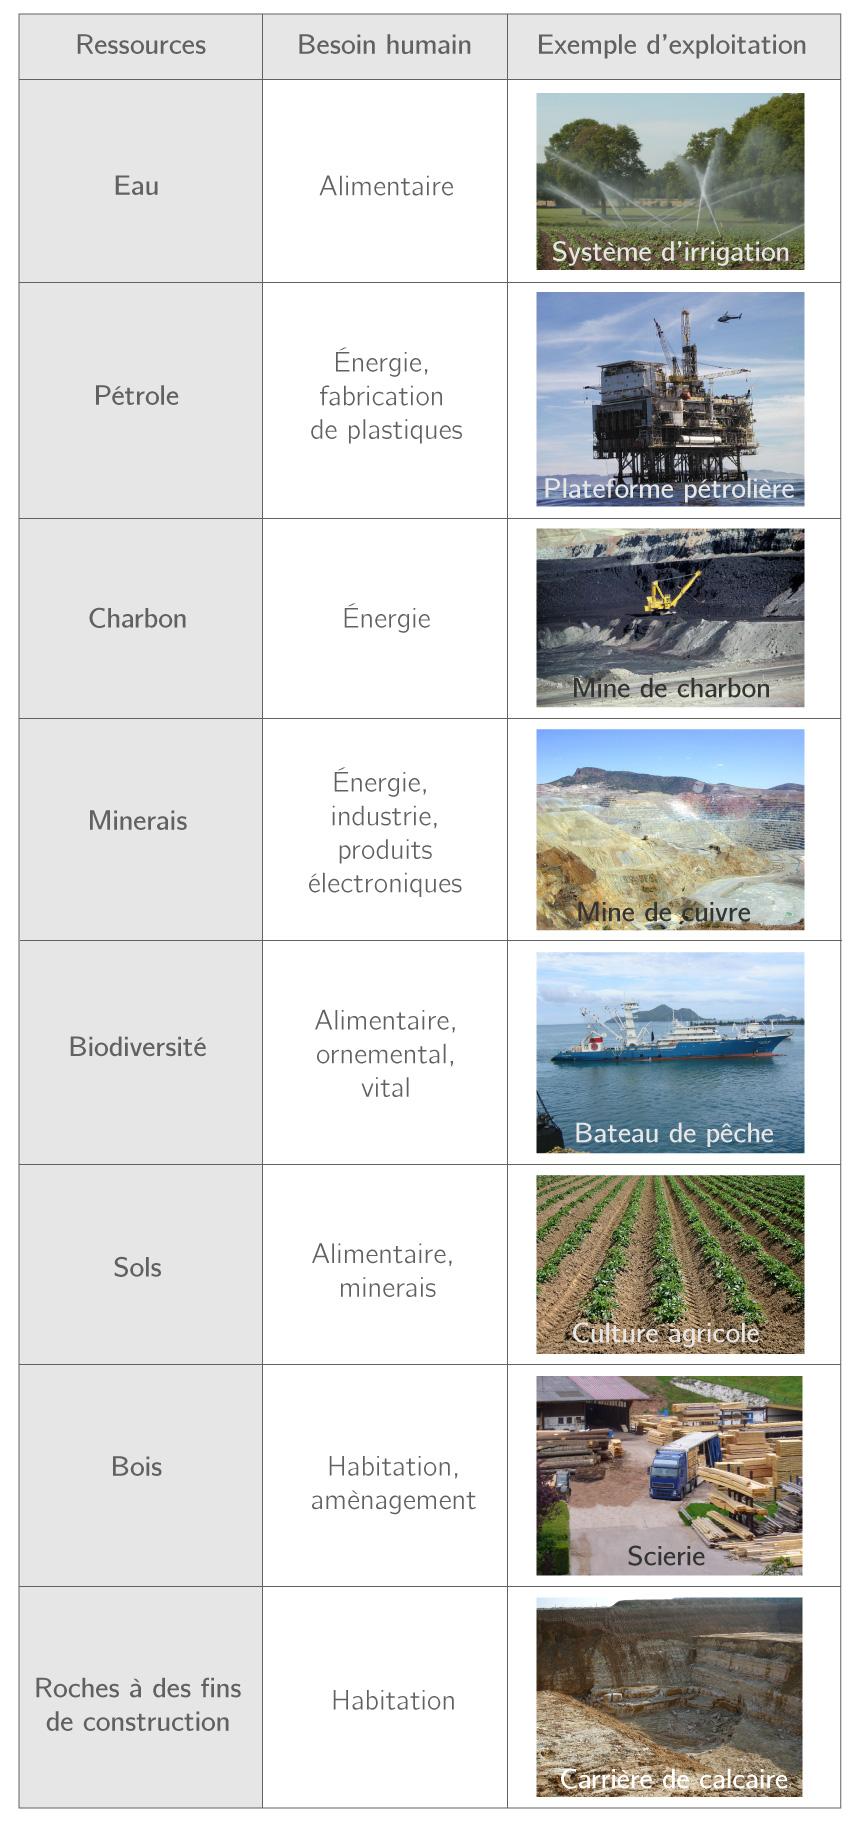 Tableau présentant des exemples de ressources naturelles exploitées par l'Homme pour répondre à différents besoins